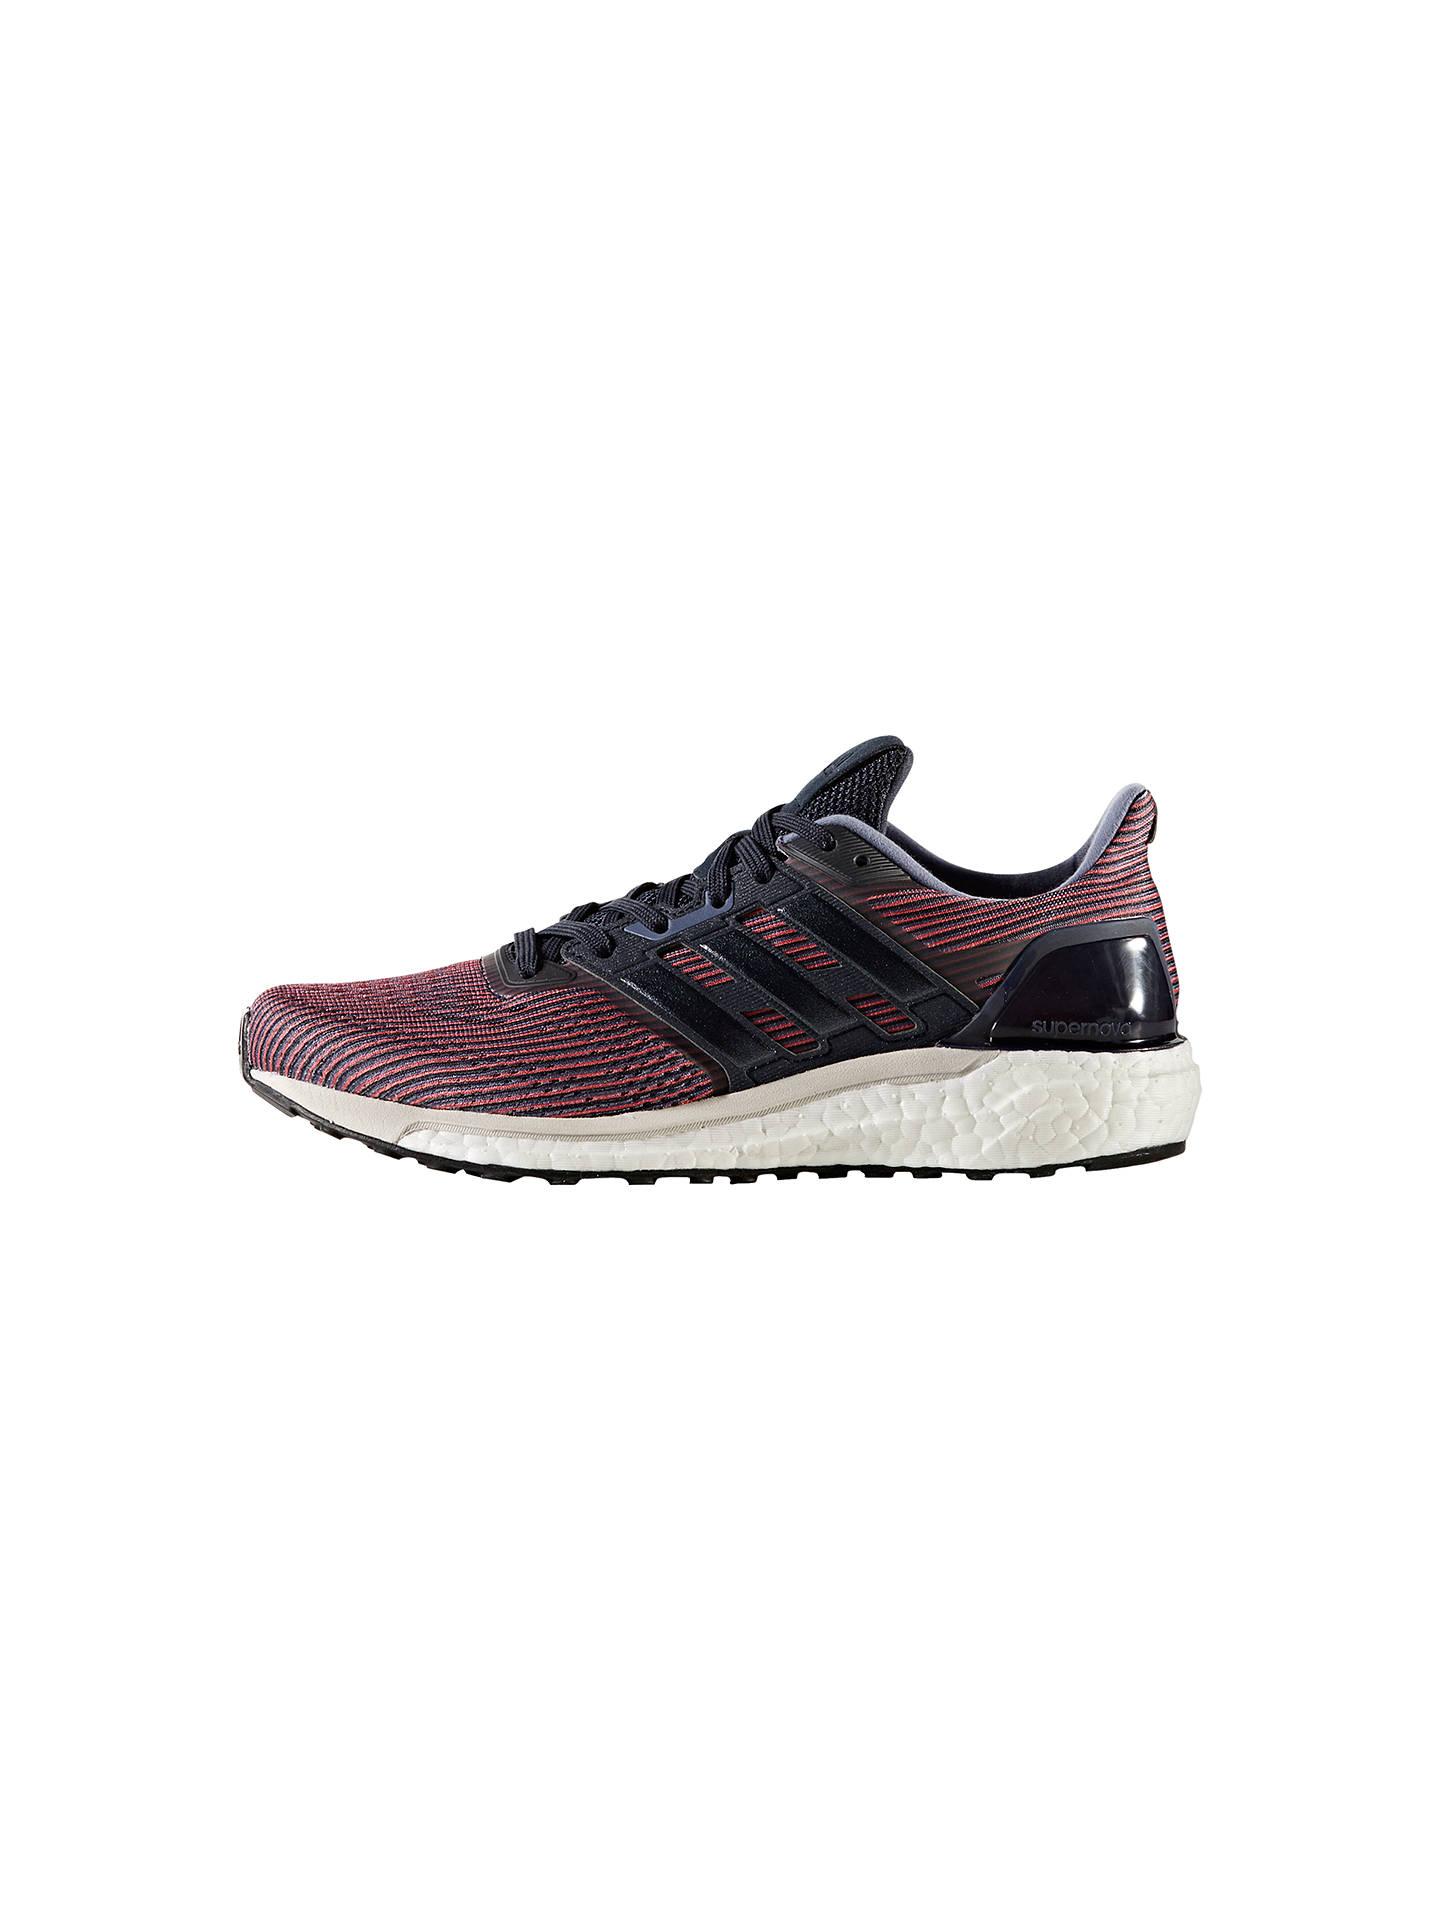 abe341fa7 ... Buy adidas Supernova Women s Running Shoes